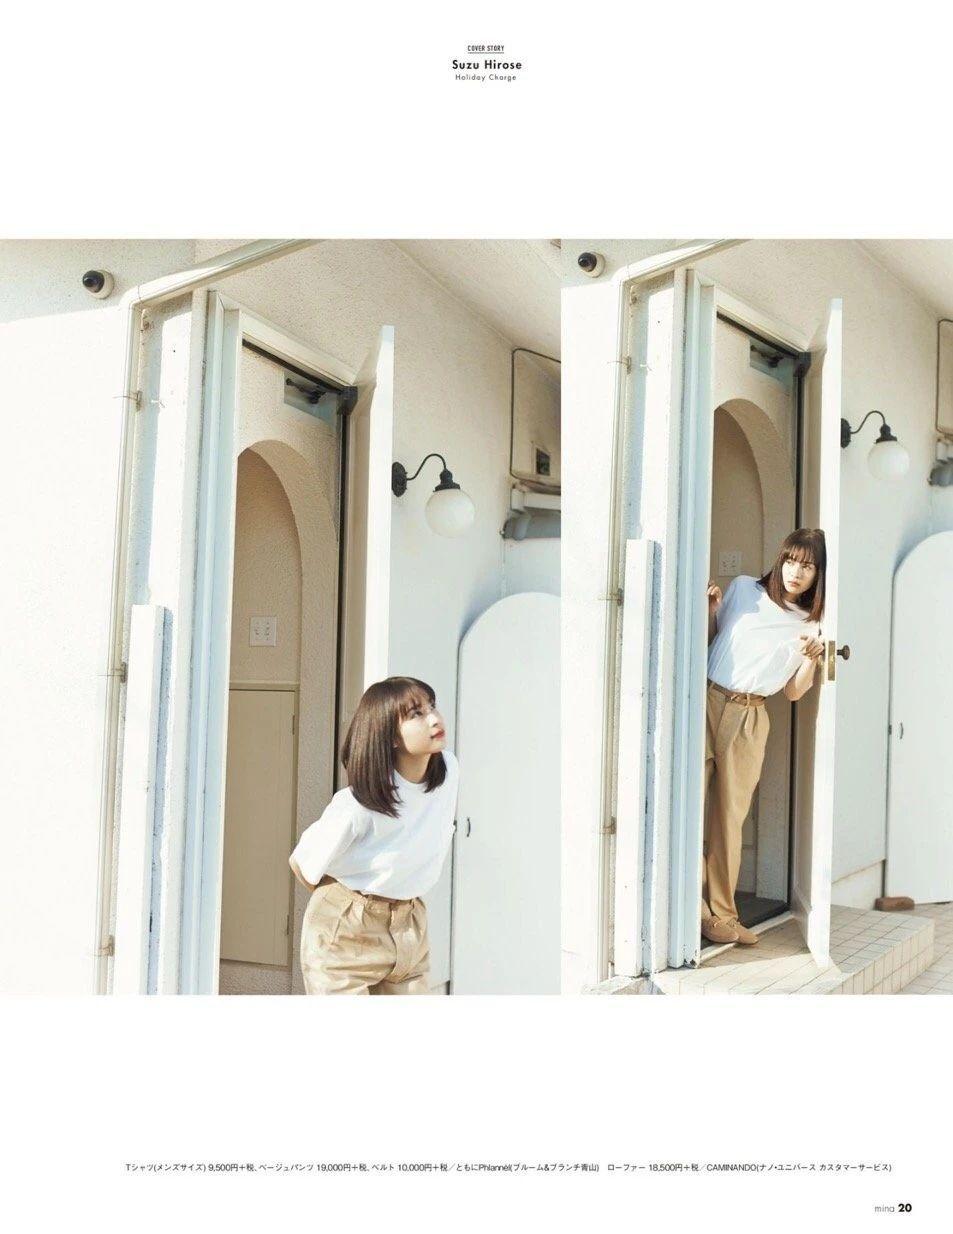 20神颜美少女却黑历史比较多的广濑丝丝写真作品 (9)